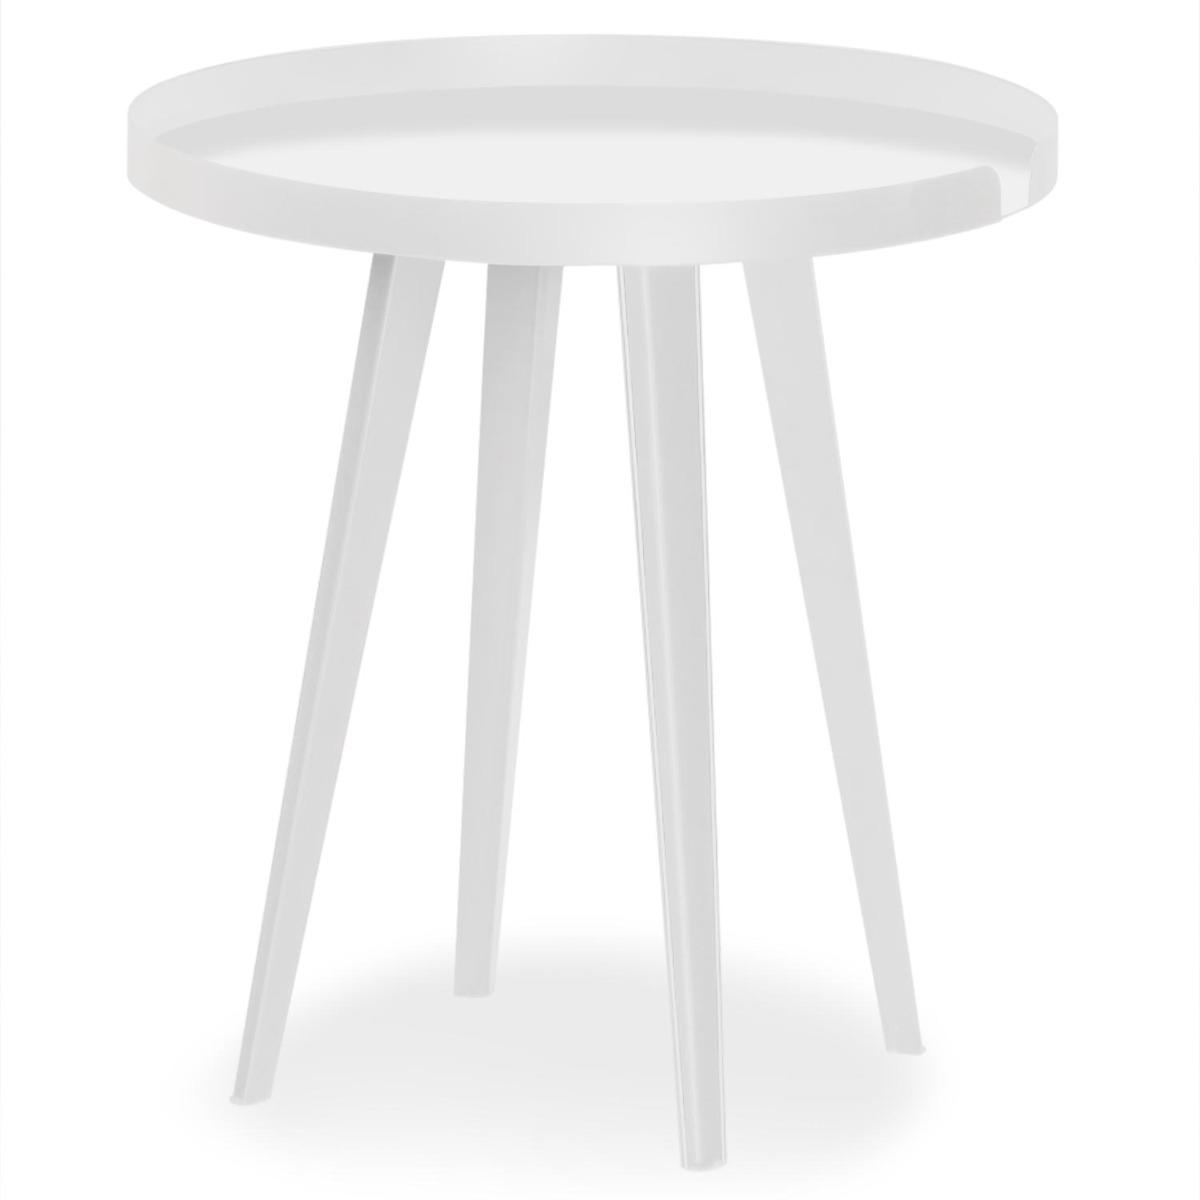 Table d'appoint magnétique ronde à rebord 45cm Bipolart Métal Blanc